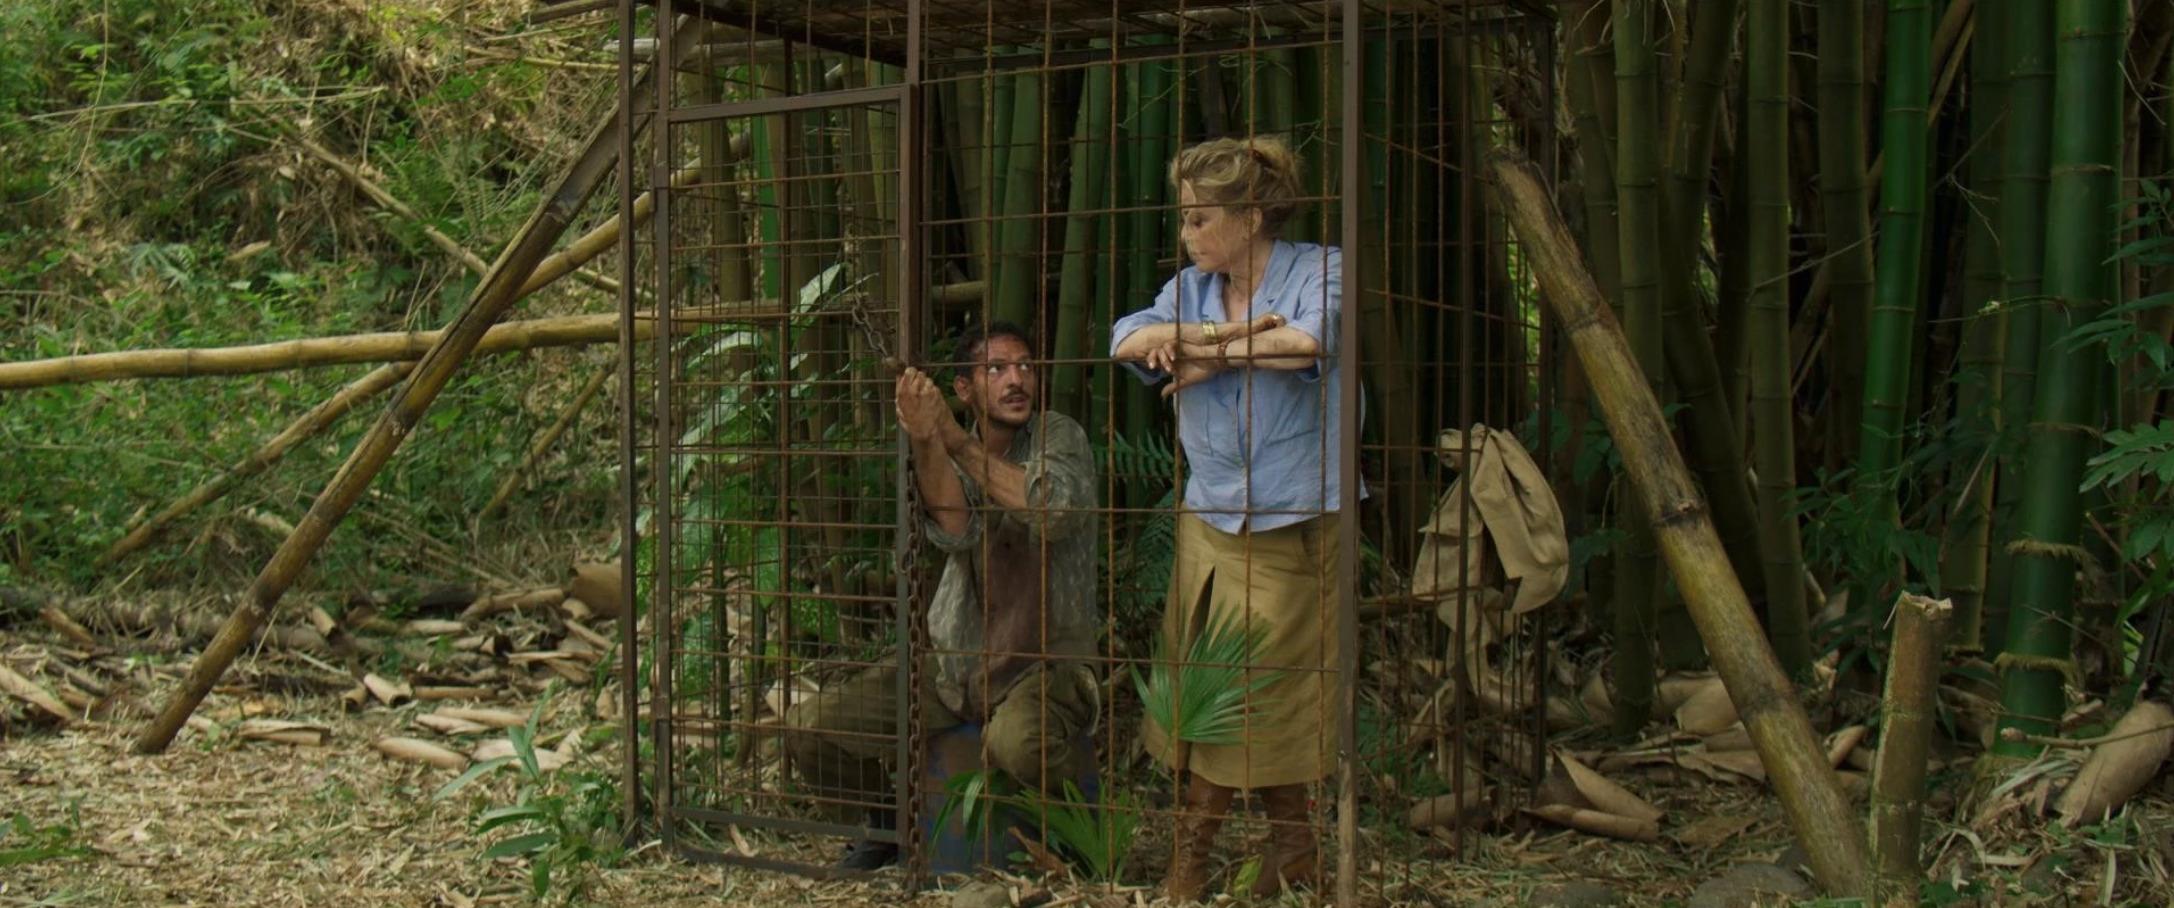 Critique / Avis film Terrible jungle : la comédie de l'été est tropicale